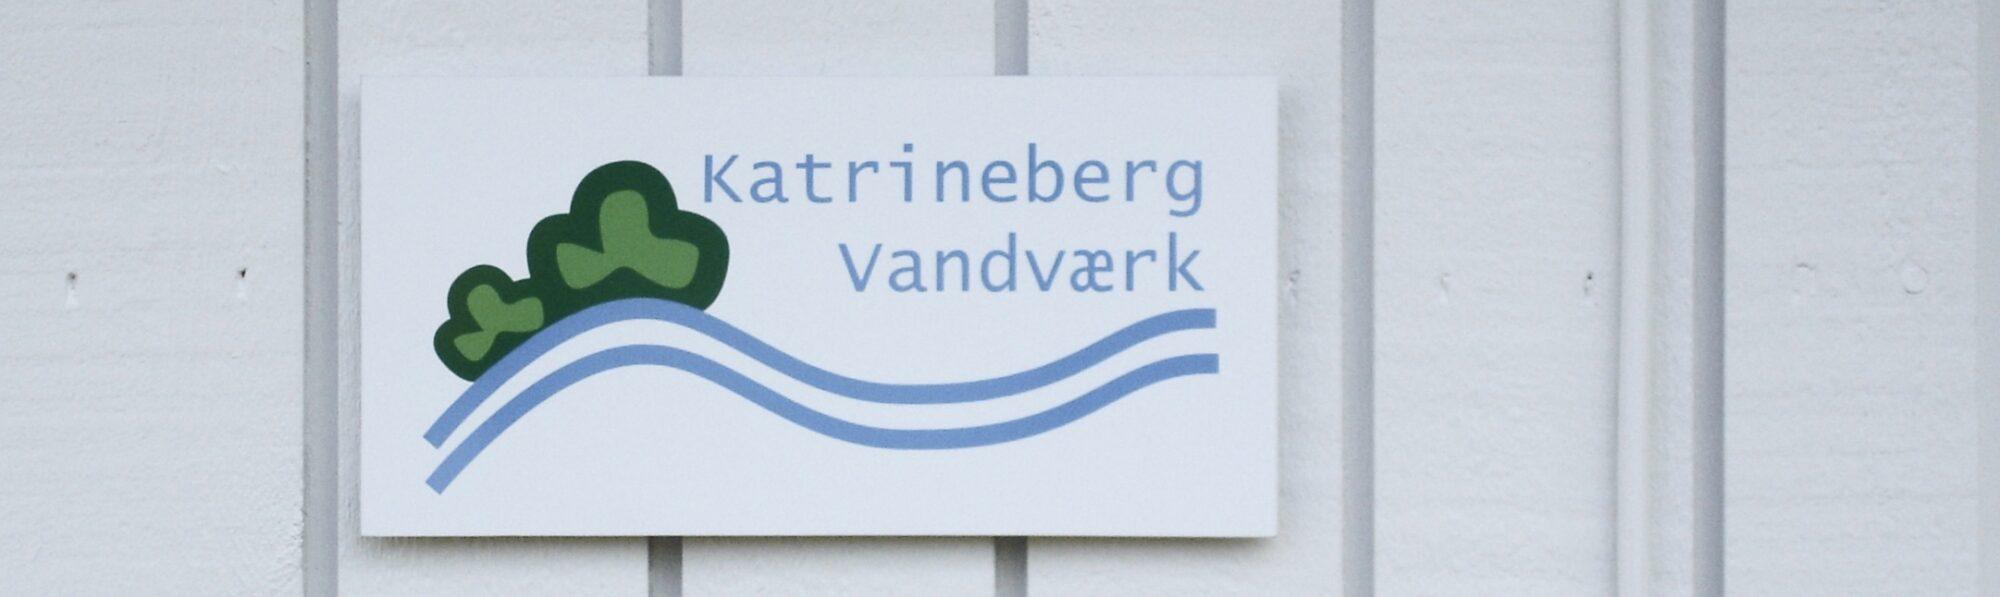 Katrineberg Vandværk